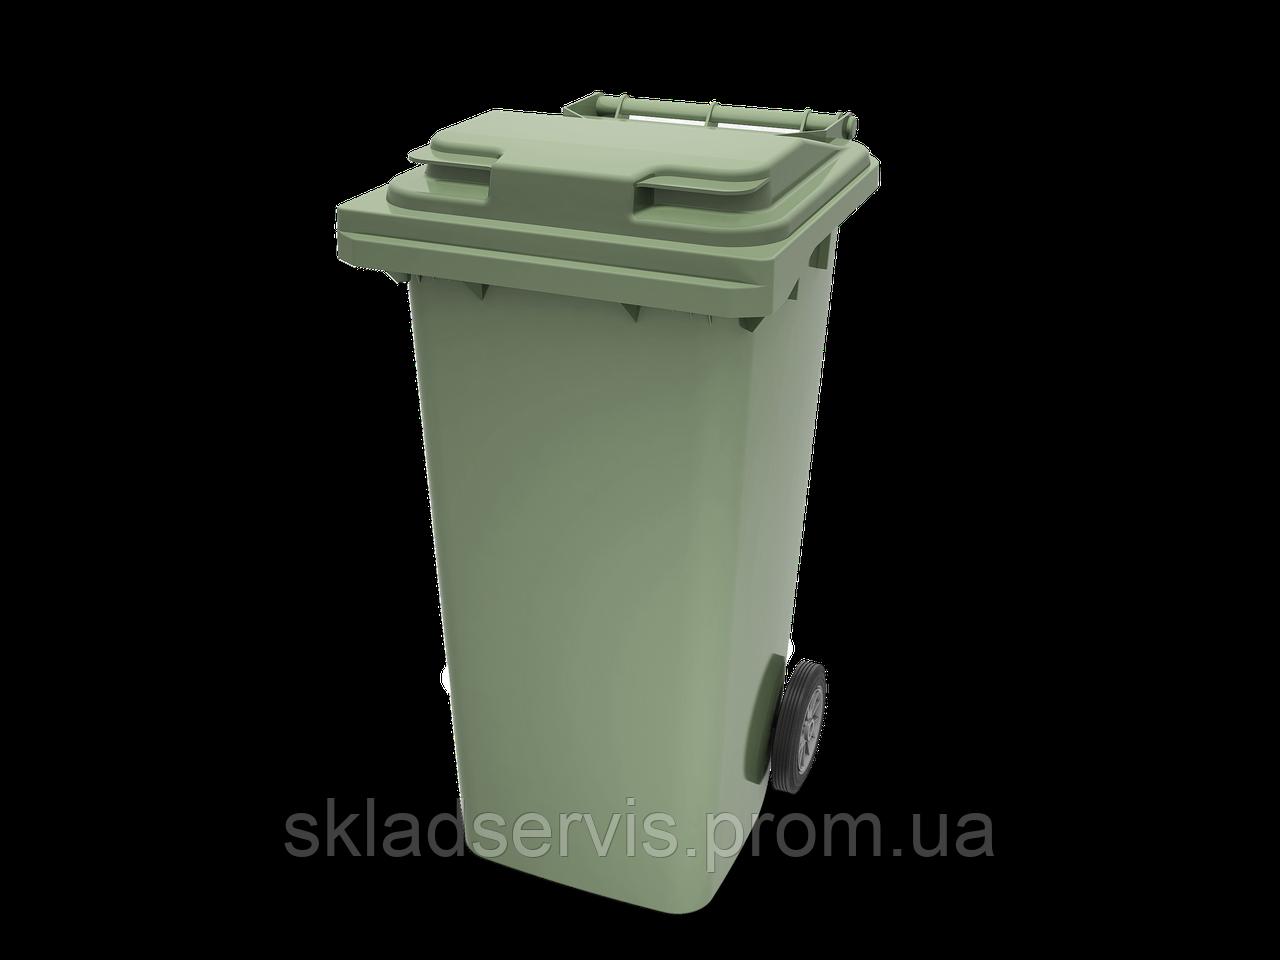 Пластиковый контейнер для мусора - ЧП «Торговая компания «Склад-Сервис» в Киеве